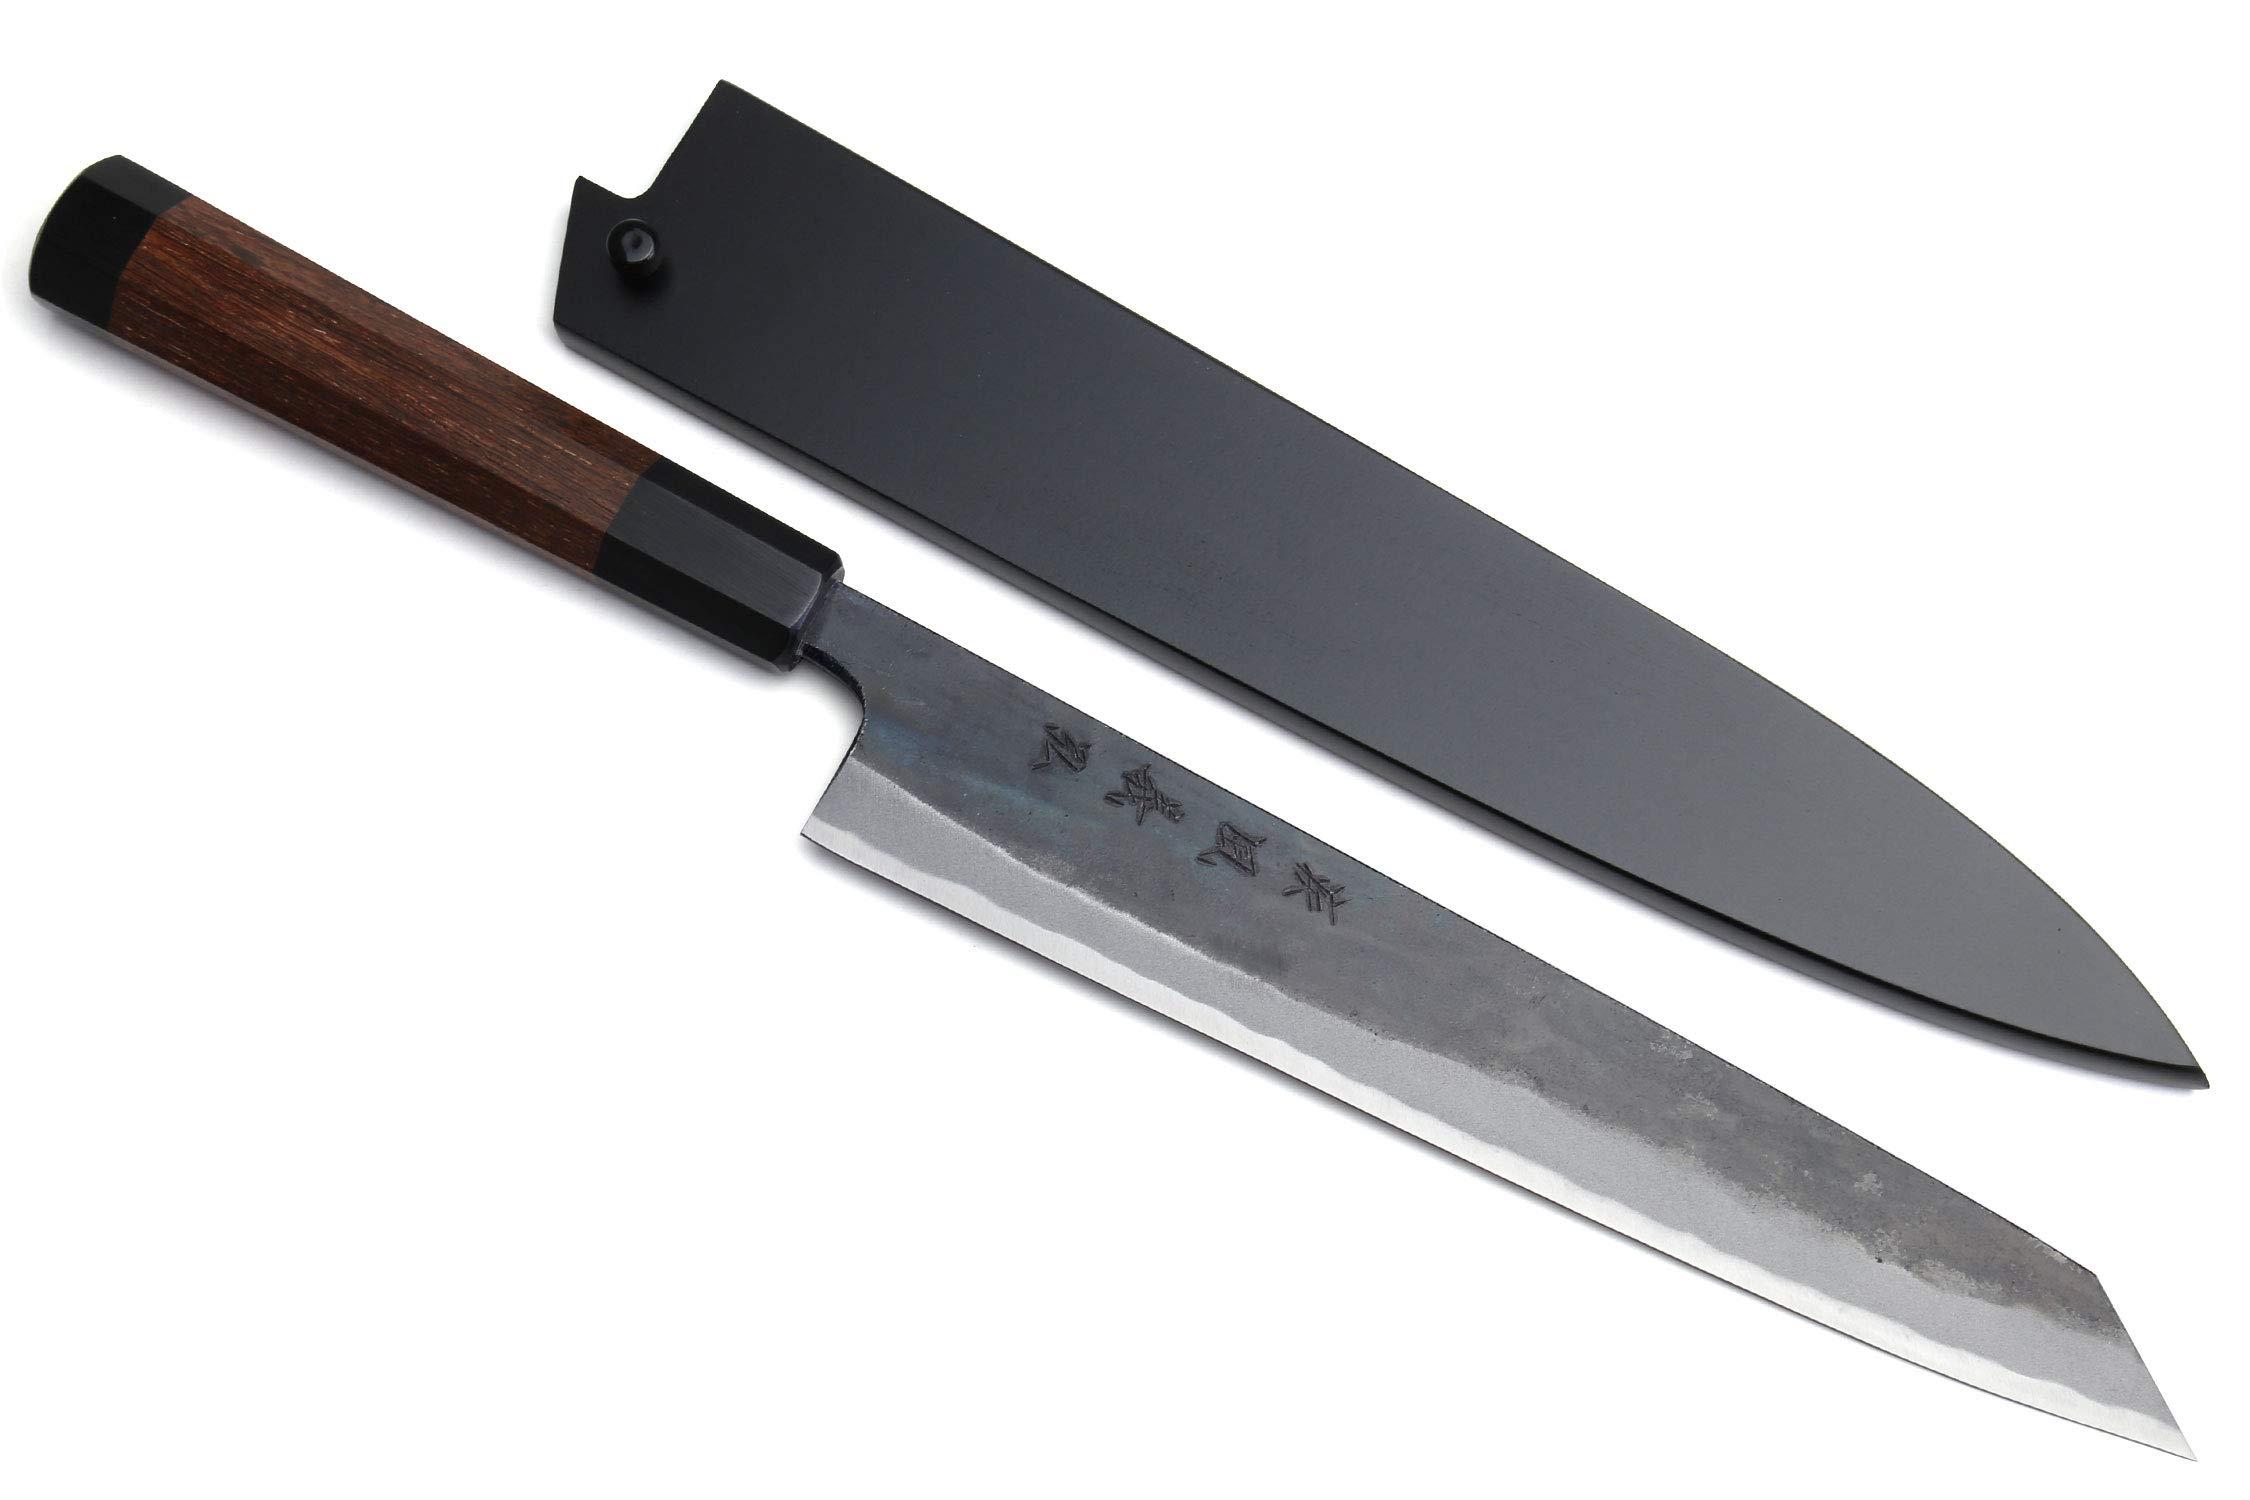 Yoshihiro Mizu Yaki Black Finish Blue Steel #1 Kurouchi Sujihiki Kiritsuke Slicer Chef Knife Rosewood Handle (10.5'' (270mm) & Saya)